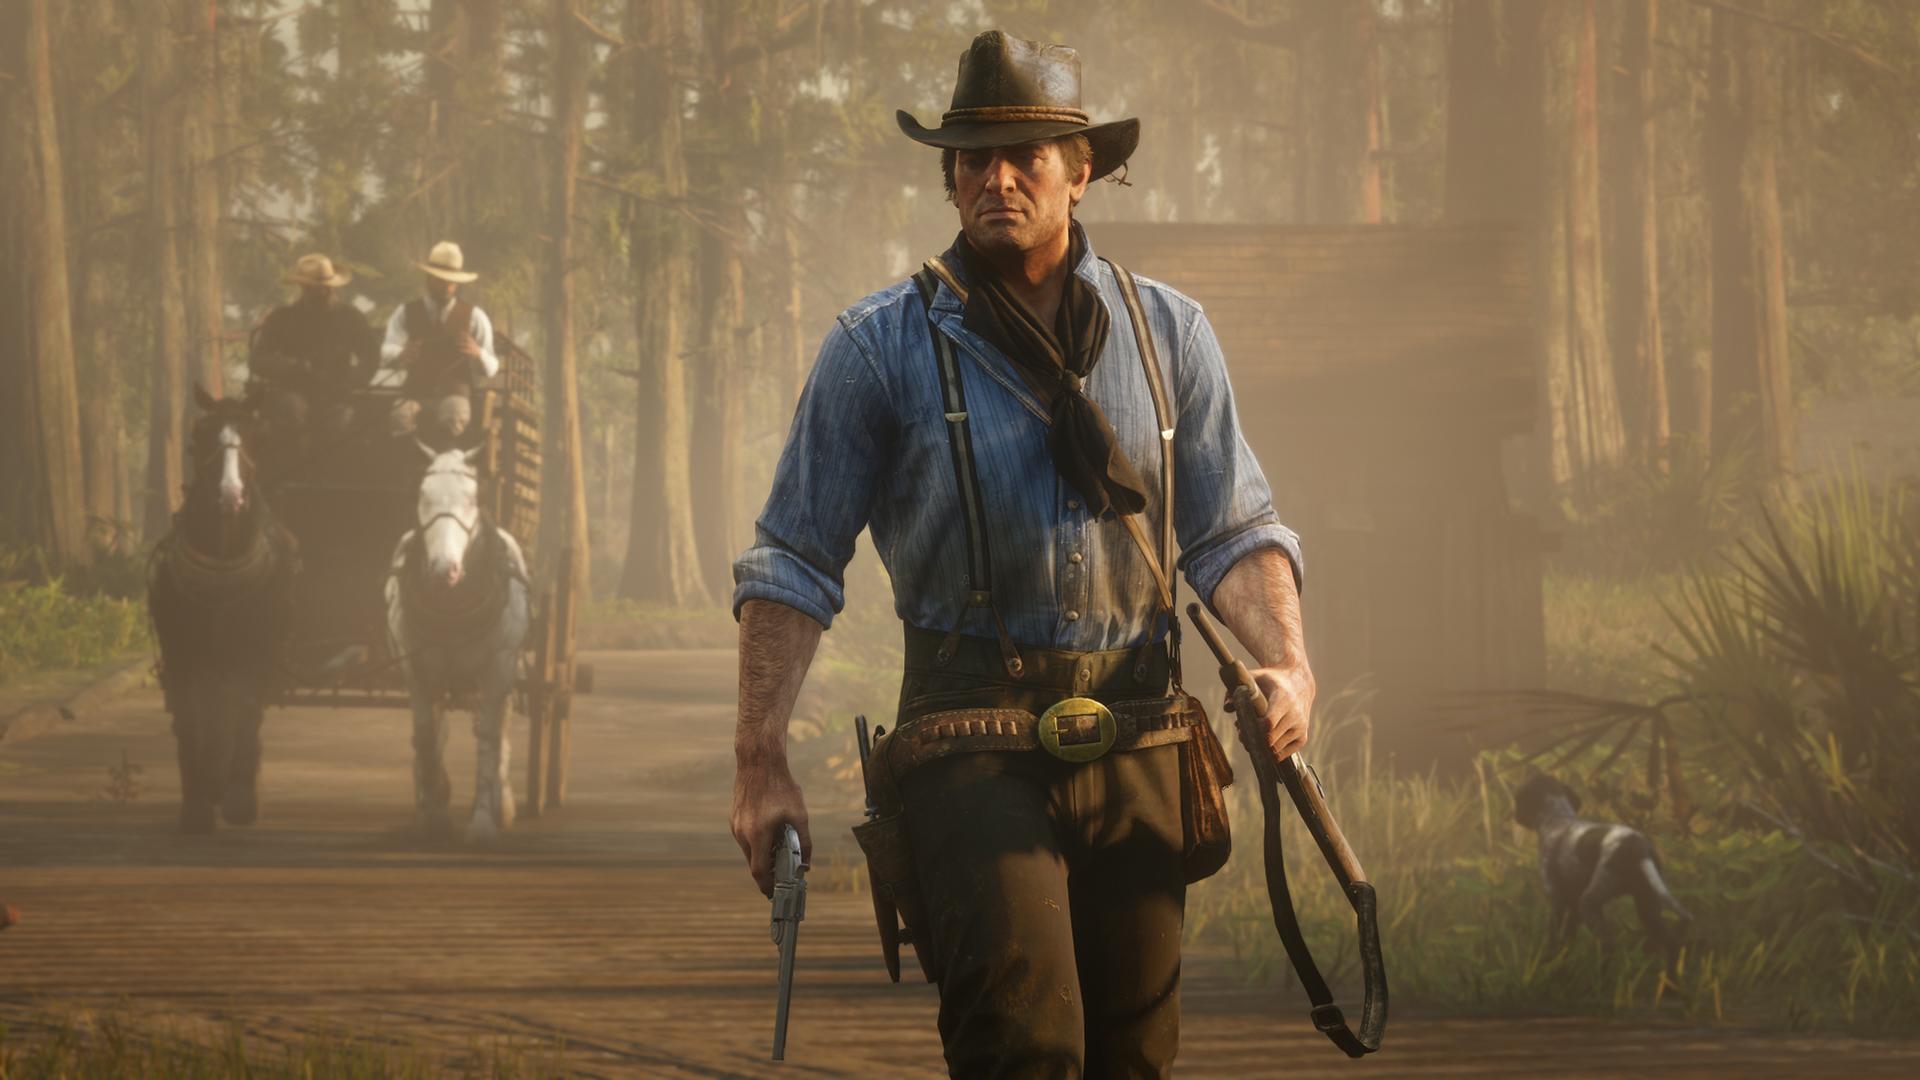 เนื้อเรื่องและปริศนา Red Dead Redemption 2